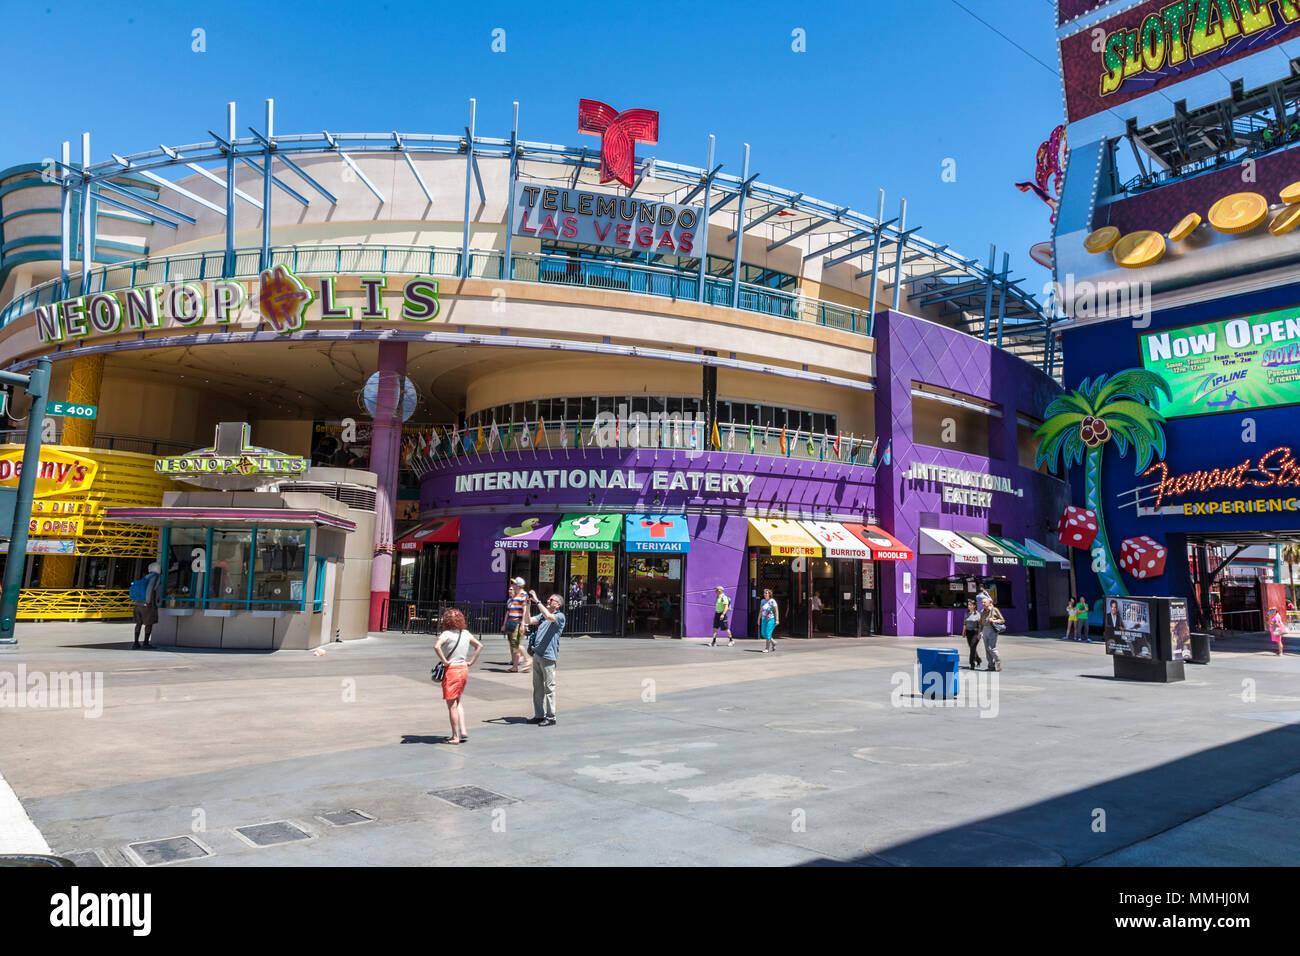 Touristen Stop für Bilder außerhalb Neonopolis Unterhaltungs komplex auf der Fremont Street Las Vegas Boulevard Las Vegas, Nevada Stockfoto